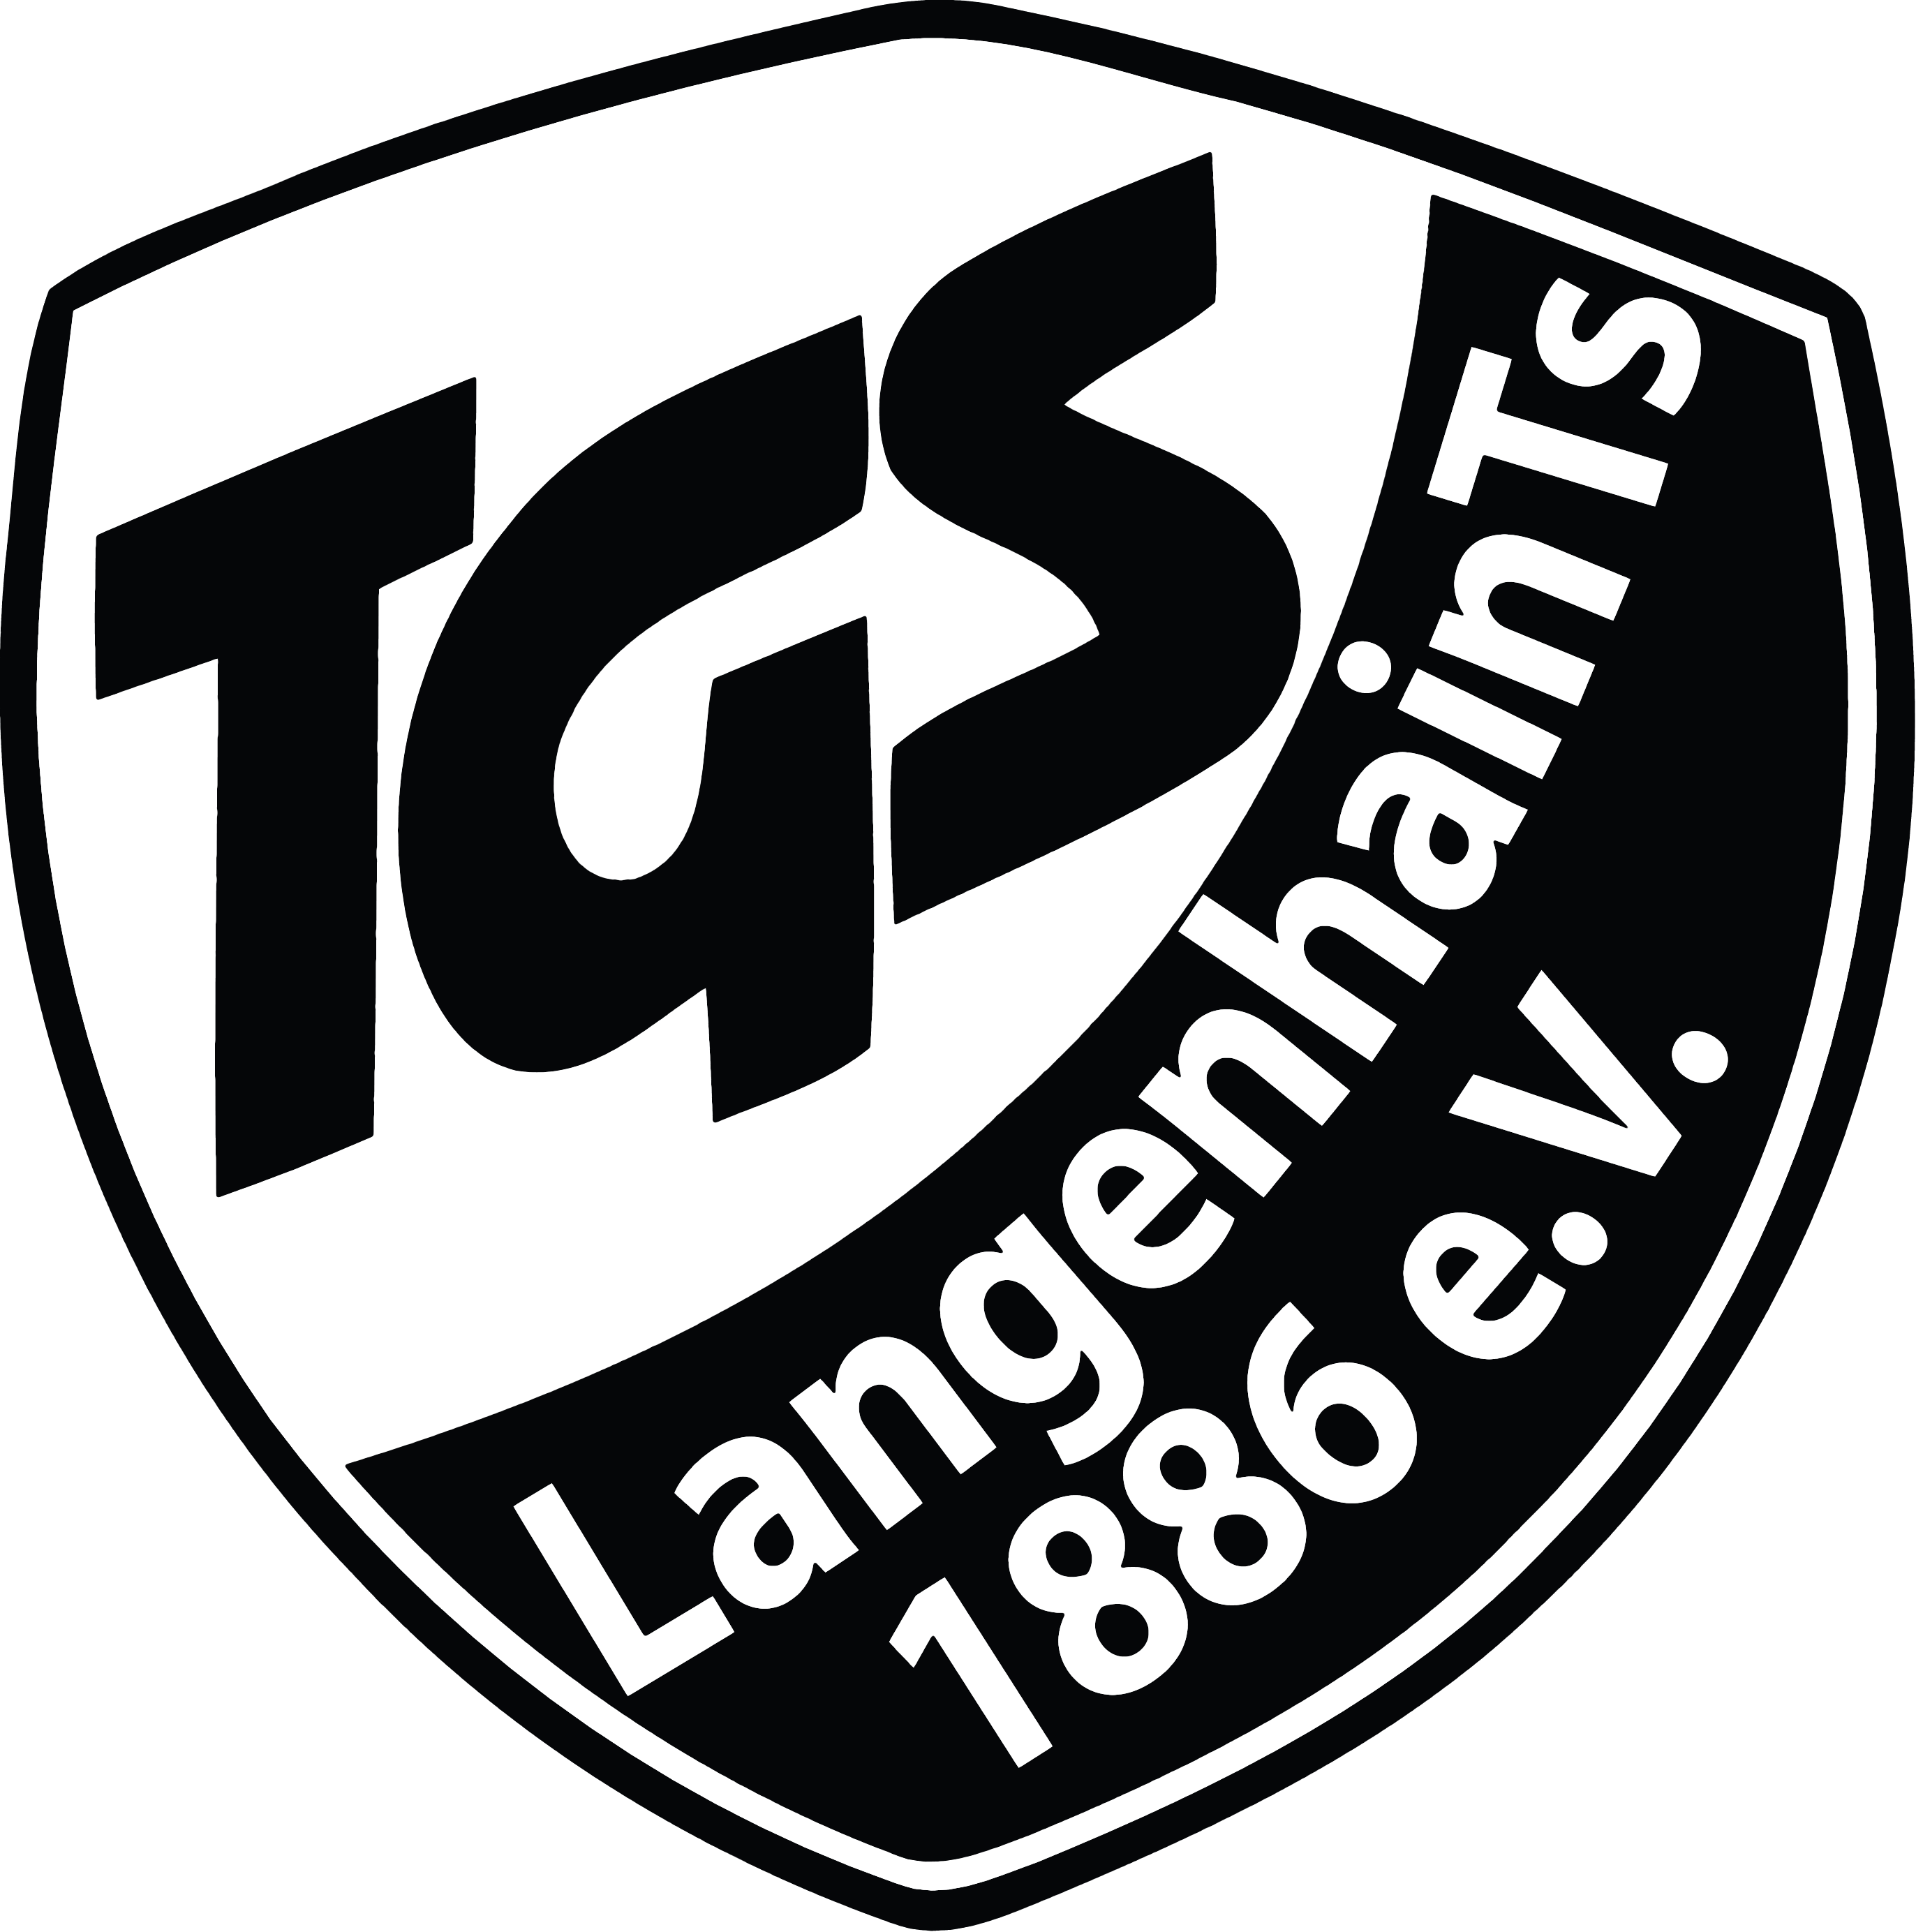 TGS 1886 Langenhain e.V.